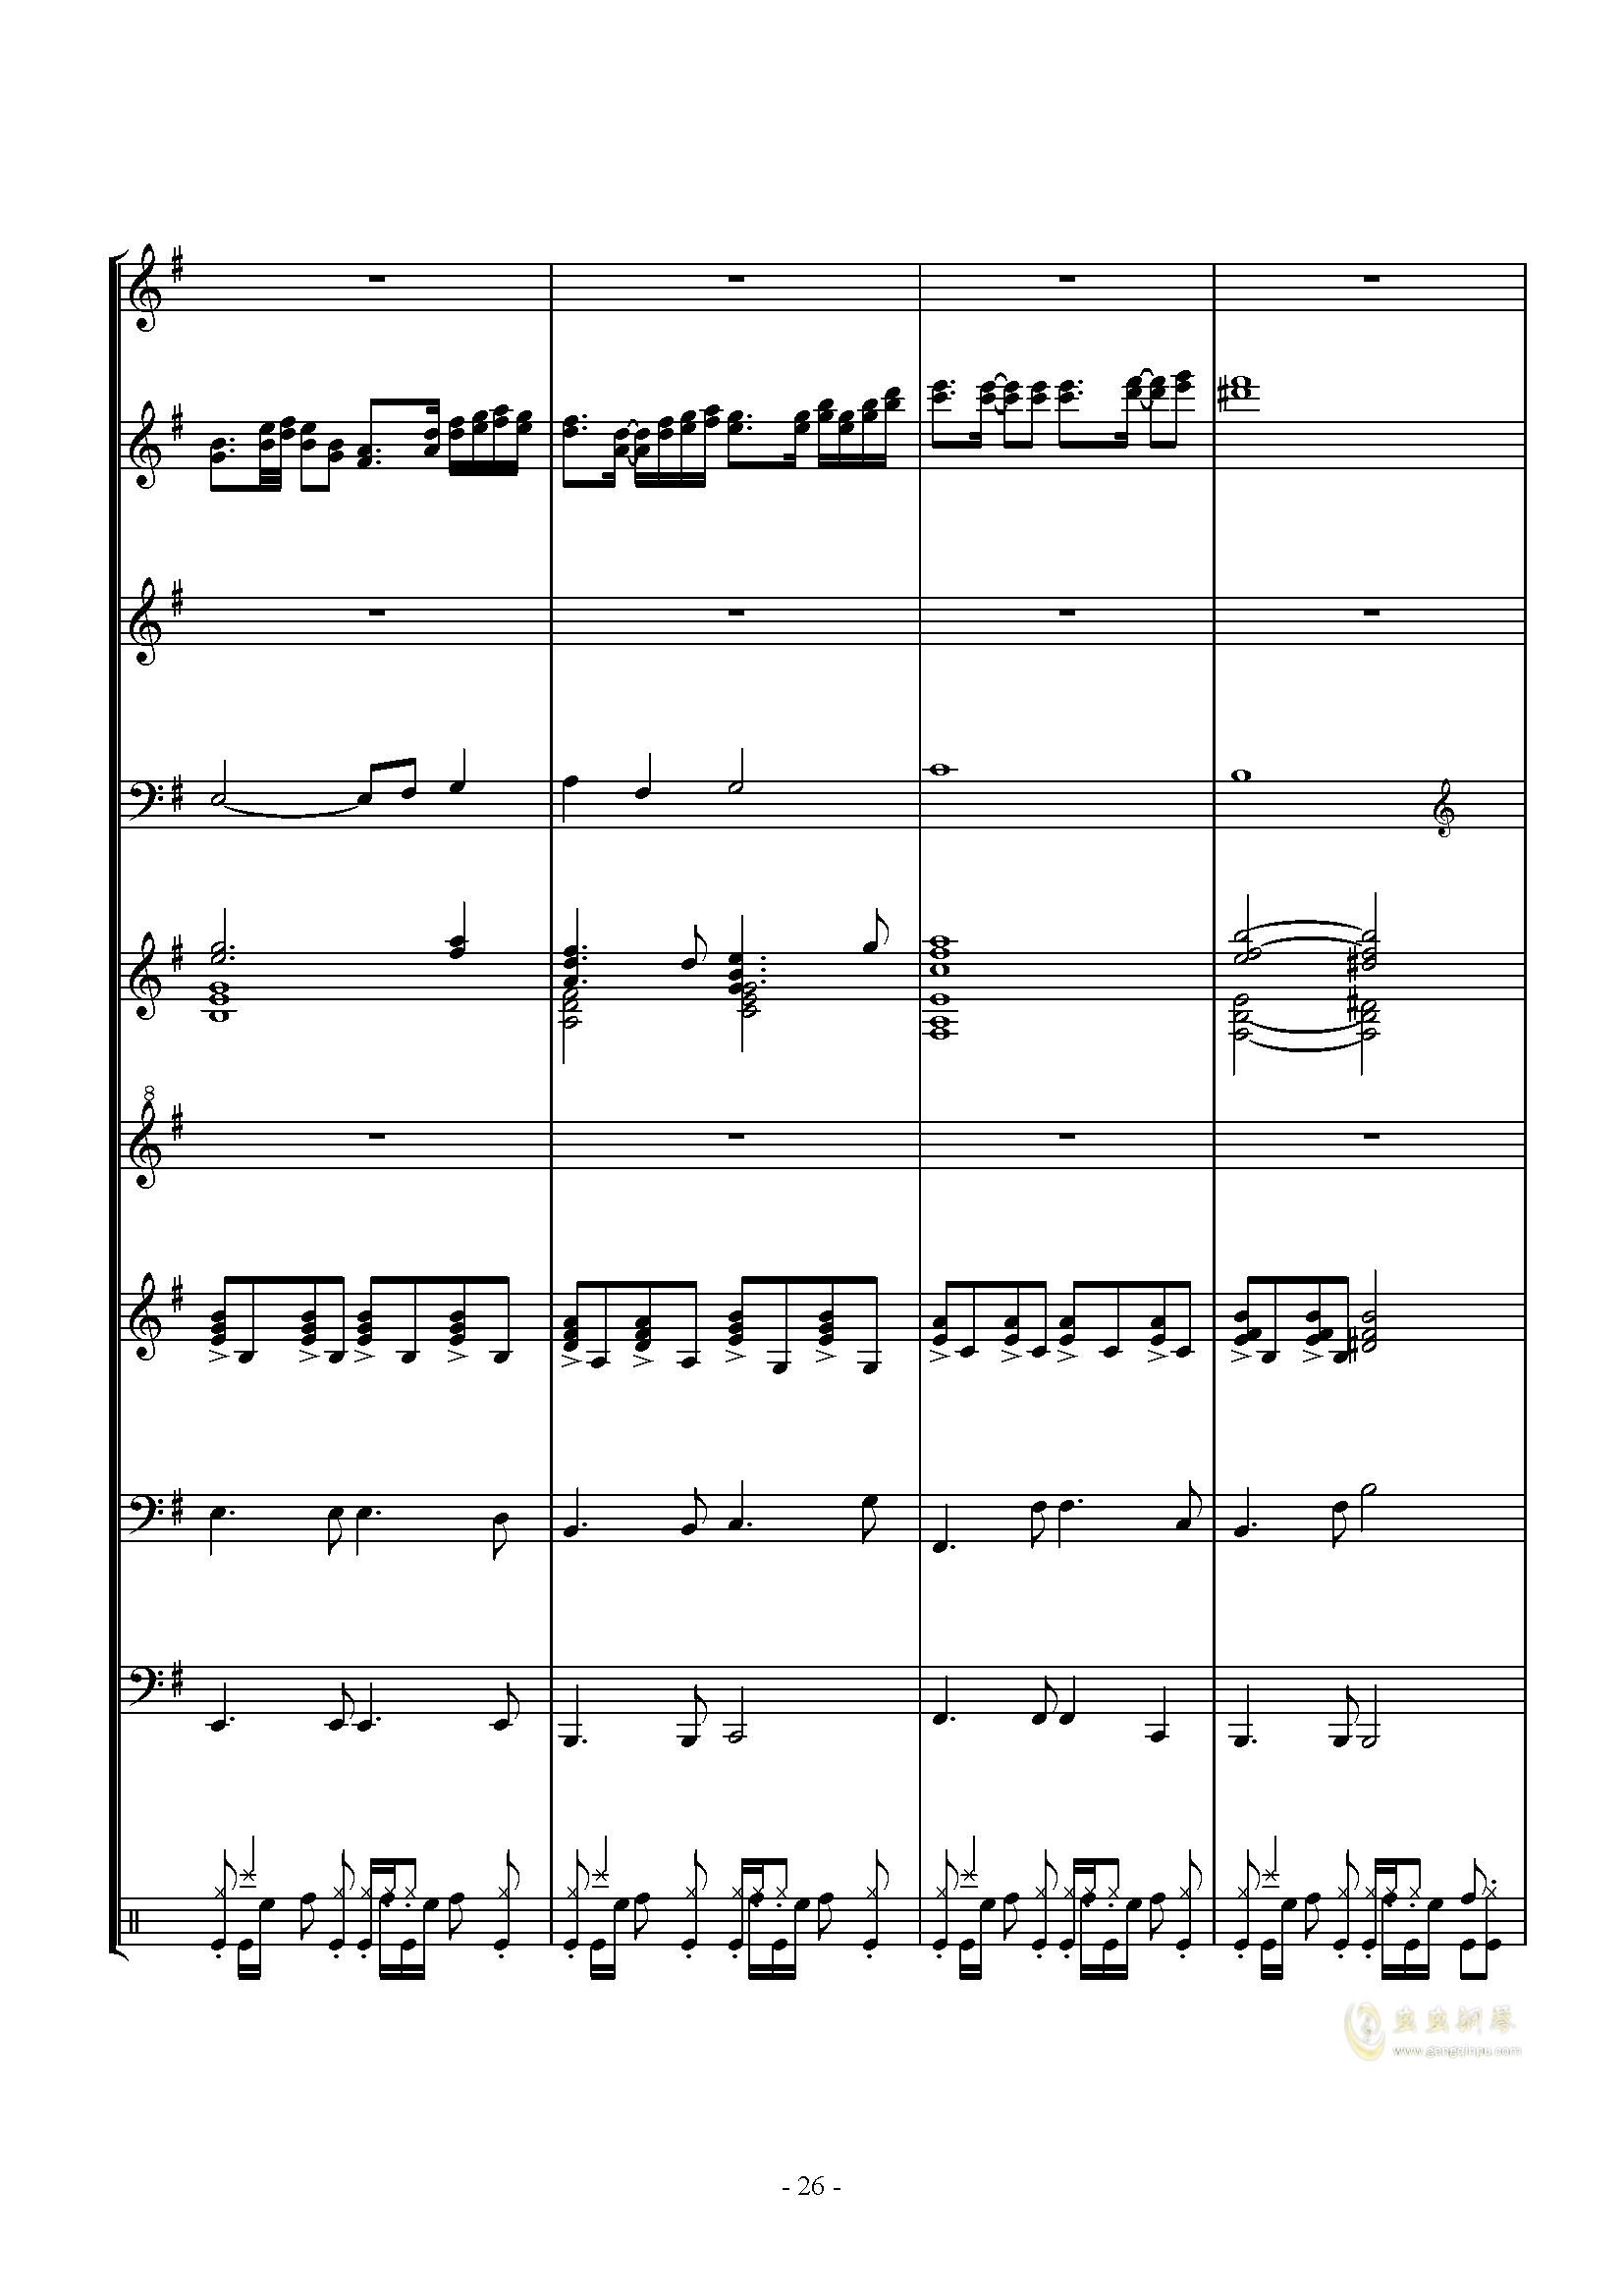 キミガタメ钢琴谱 第26页